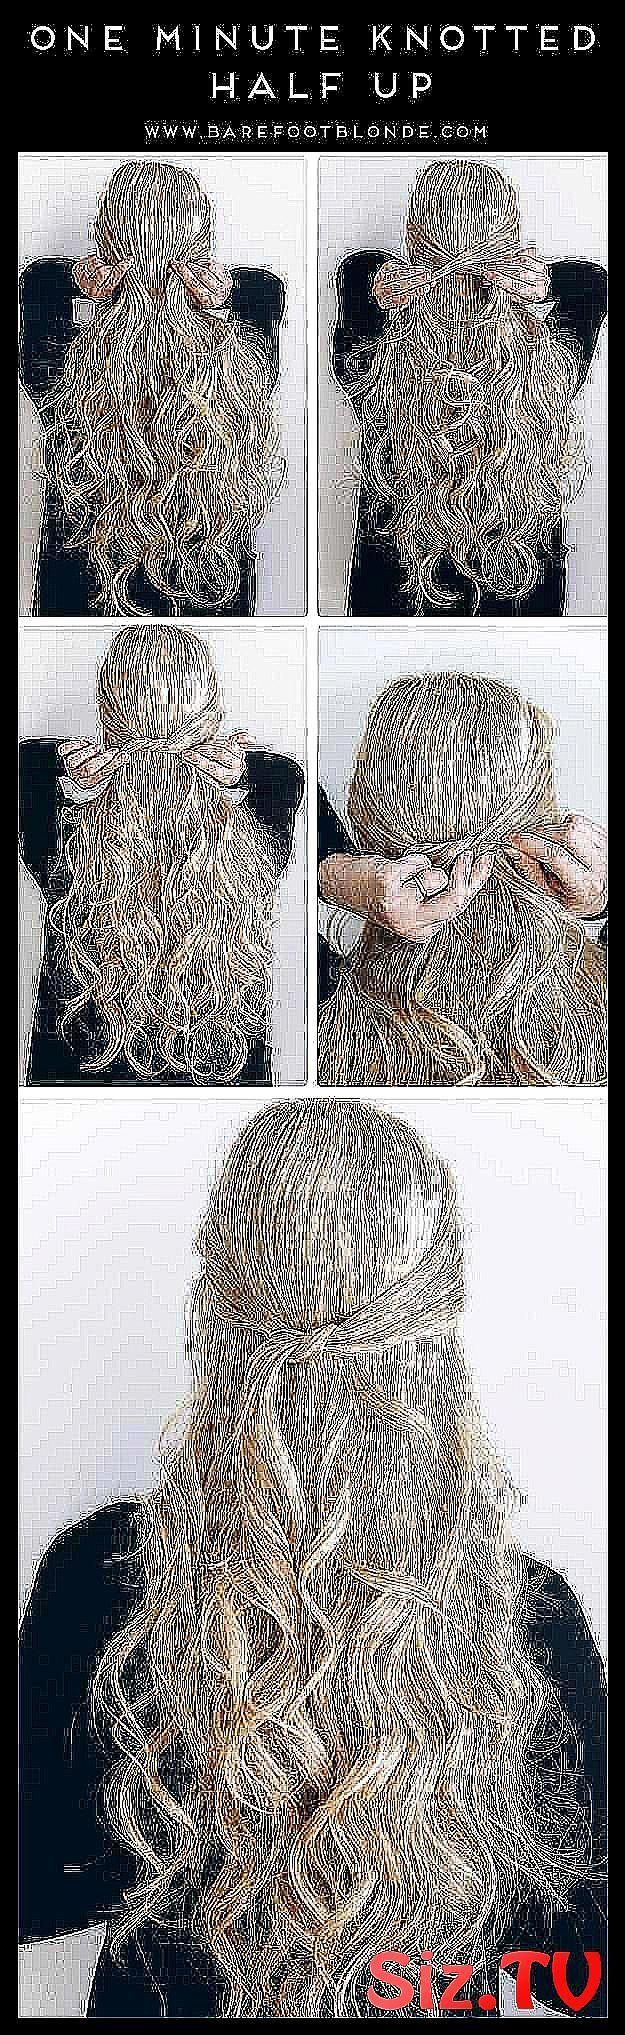 Beste 5-Minuten-Frisuren - 1 Minute Knotted Half Up - Schnelle und einfache Frisuren ... Beste ...